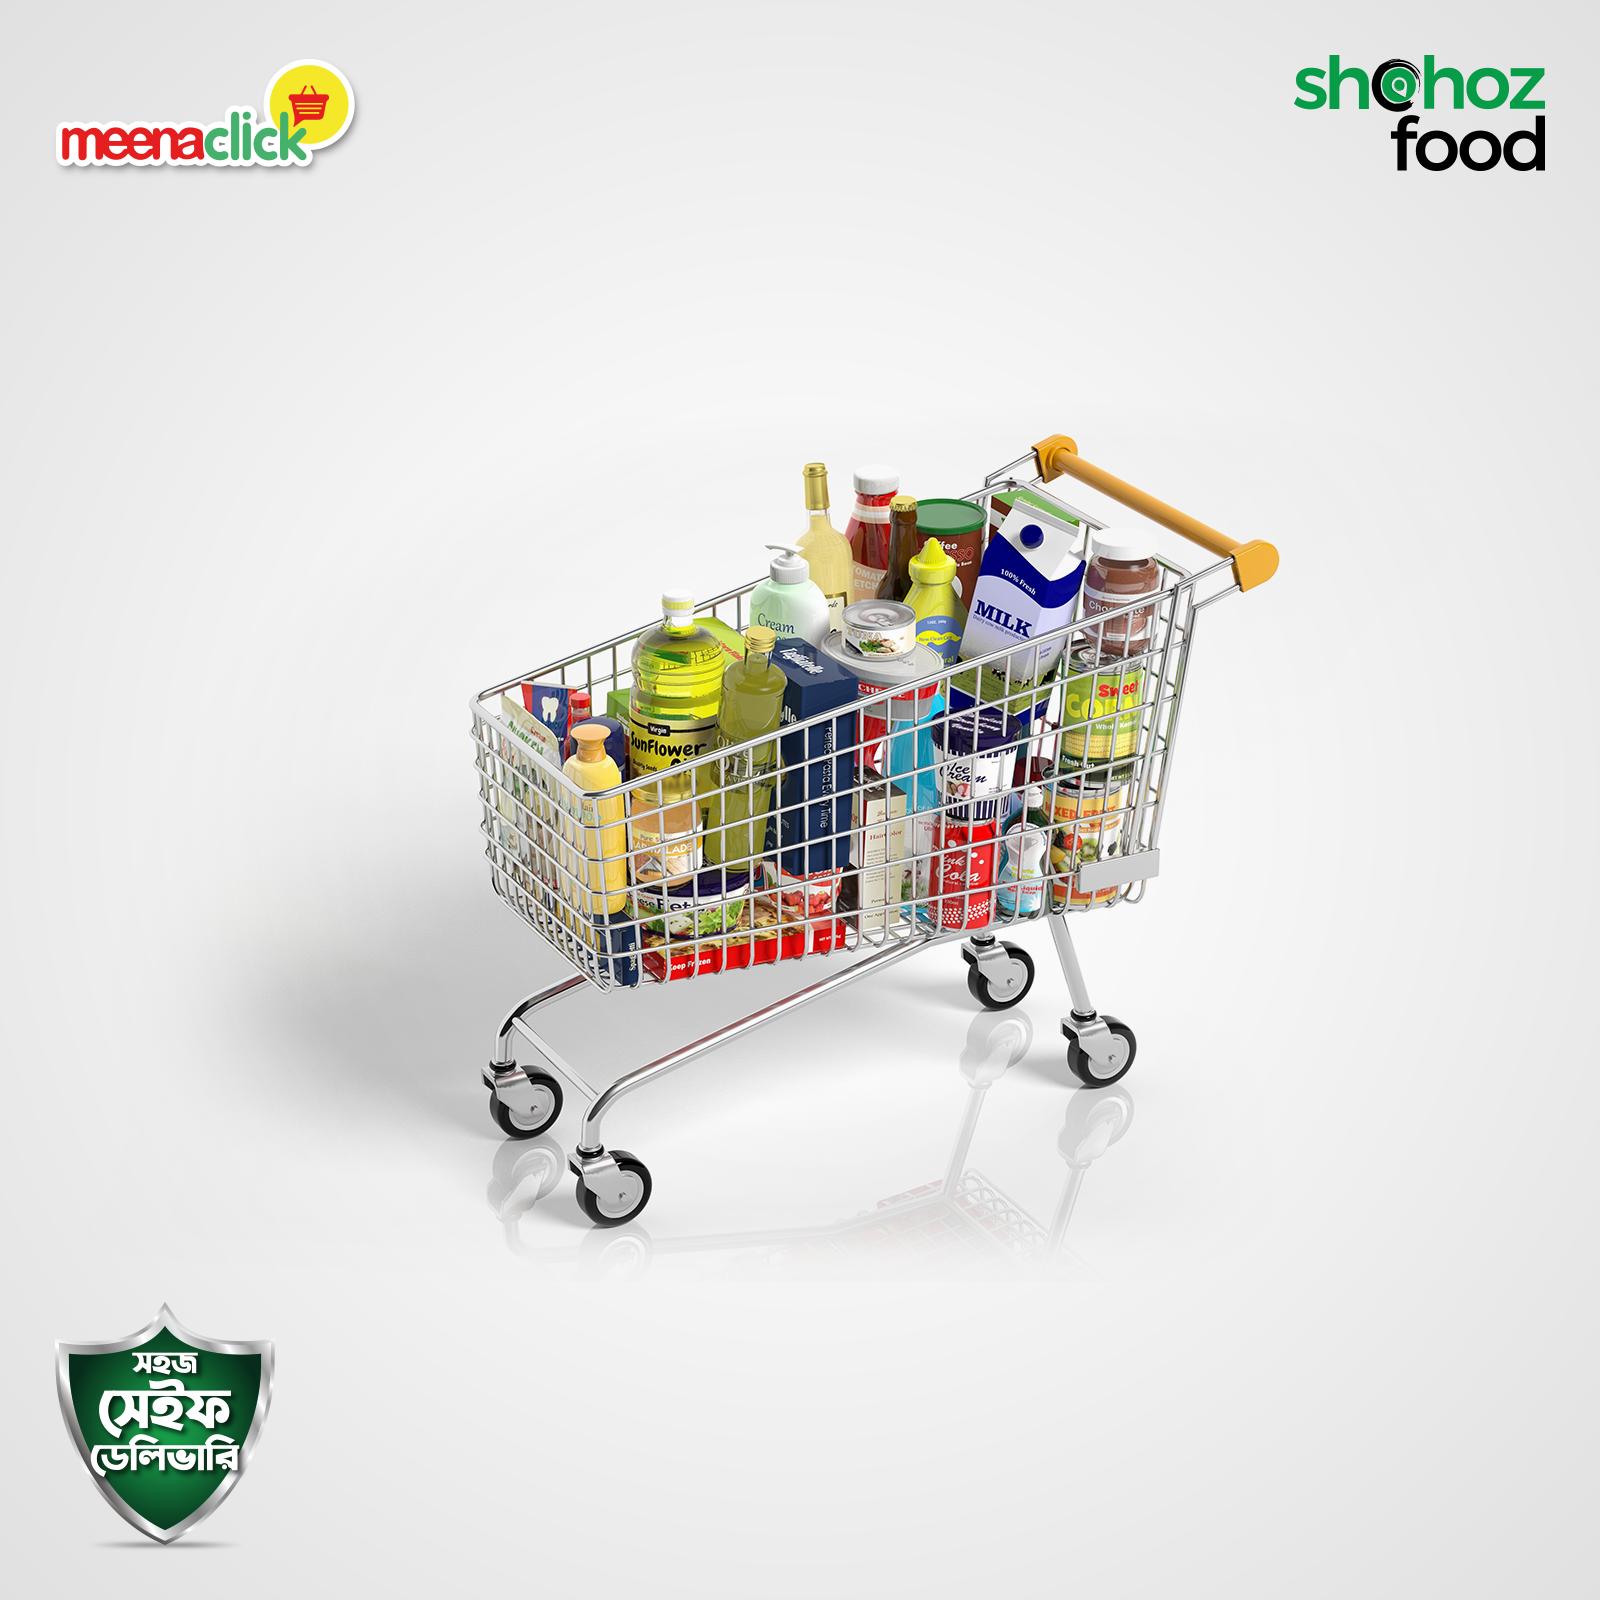 Meena Bazar Online Order – Shohoz Food